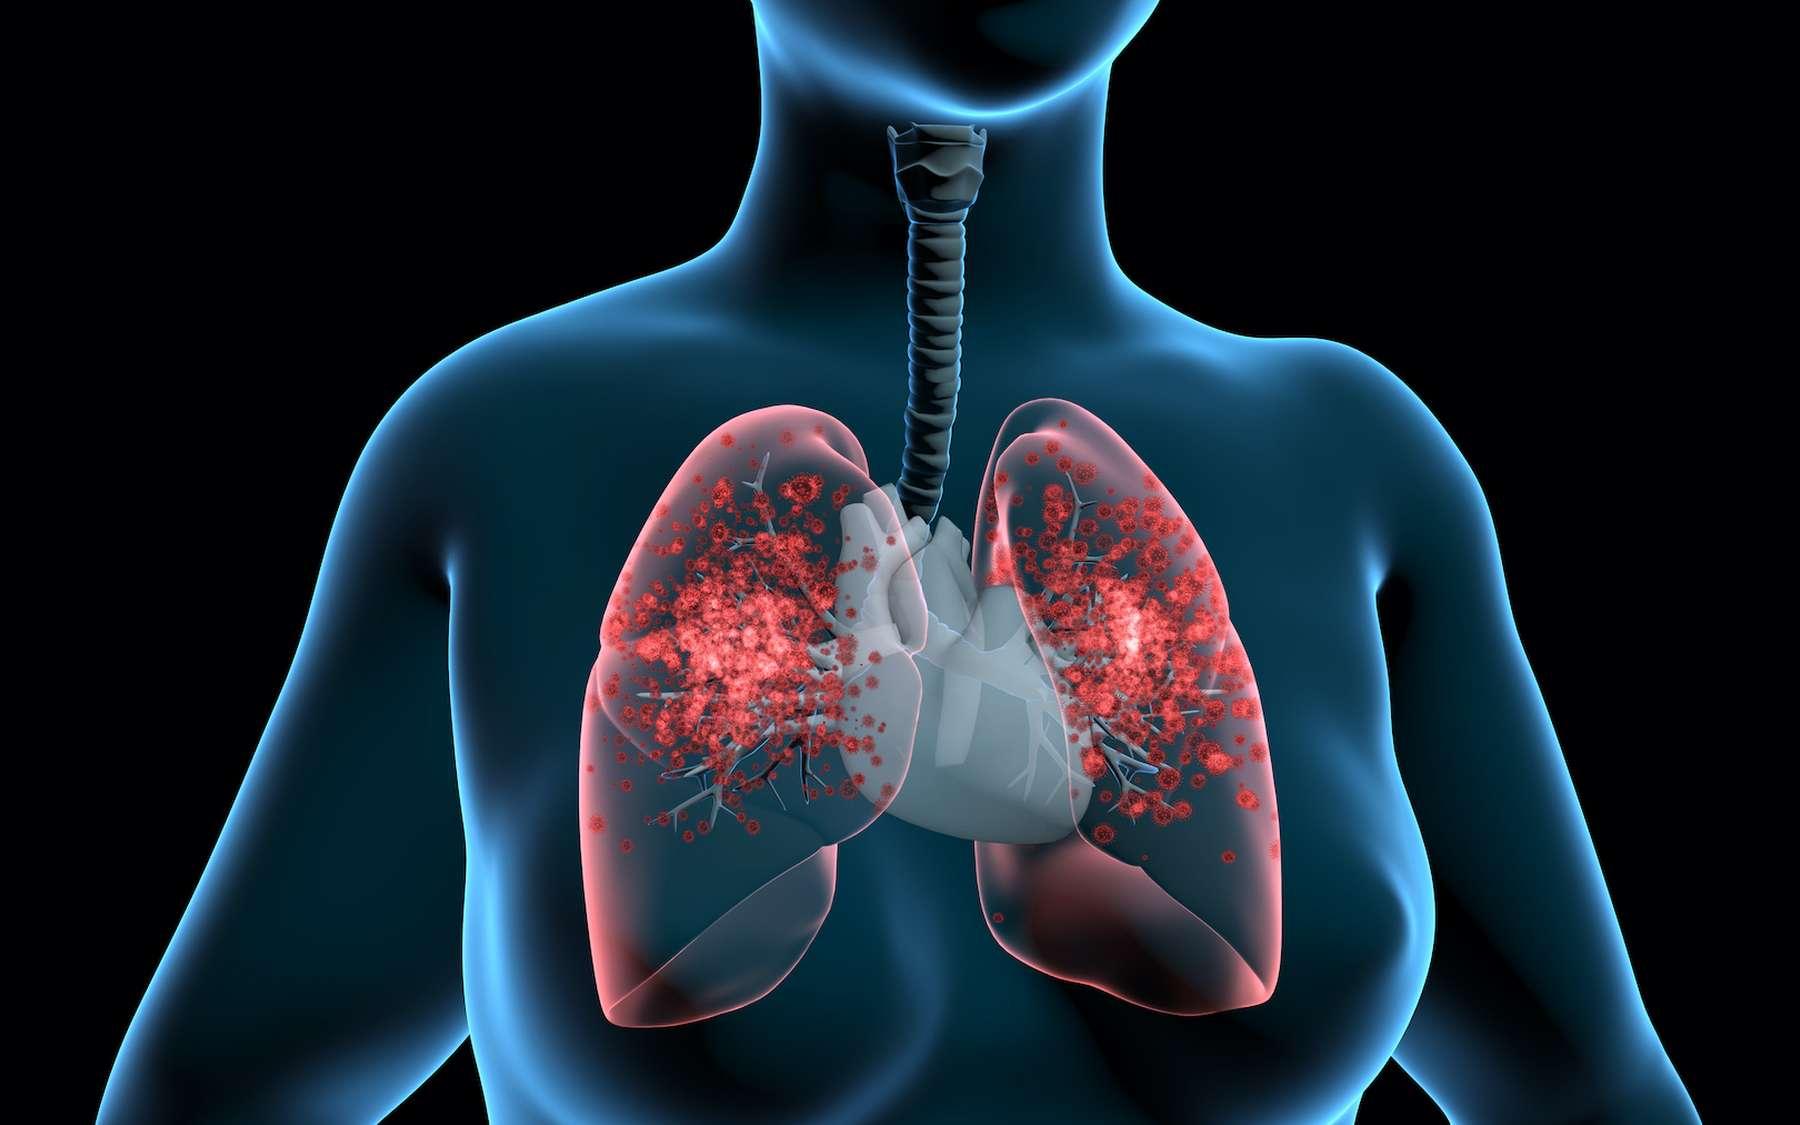 La fibrose pulmonaire pourrait être responsable de troubles de la coagulation qui entraînerait des évènements thrombotiques mais des données rigoureuses manquent encore pour conclure définitivement. © TuMeggy, Adobe Stock